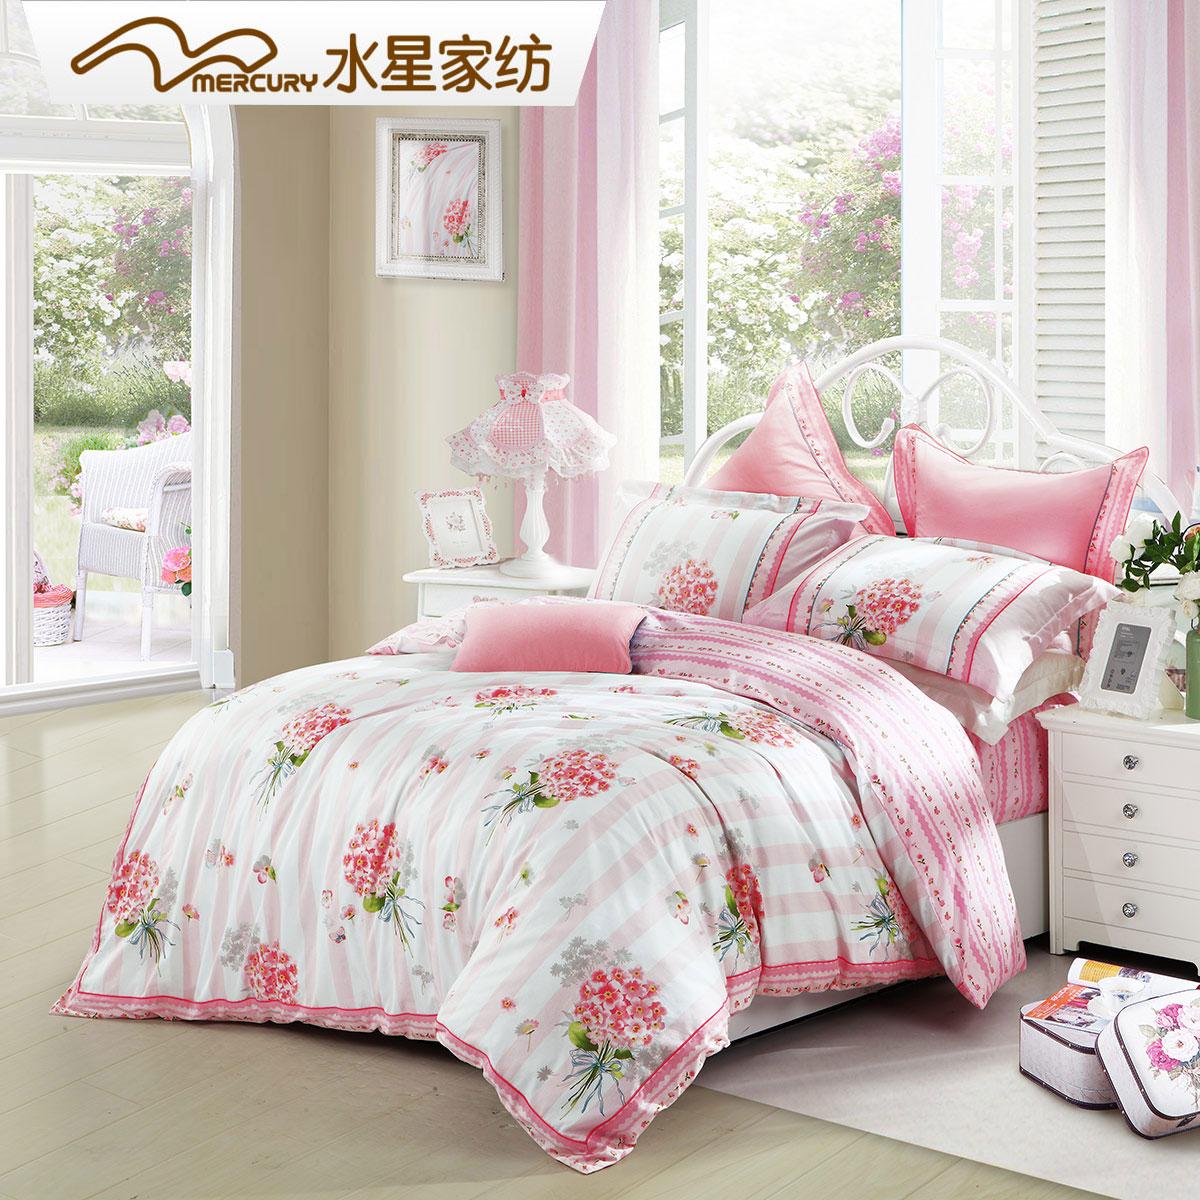 水星家纺全棉纯棉四件套宿舍床单被套1.8米床品正品双人特价清仓